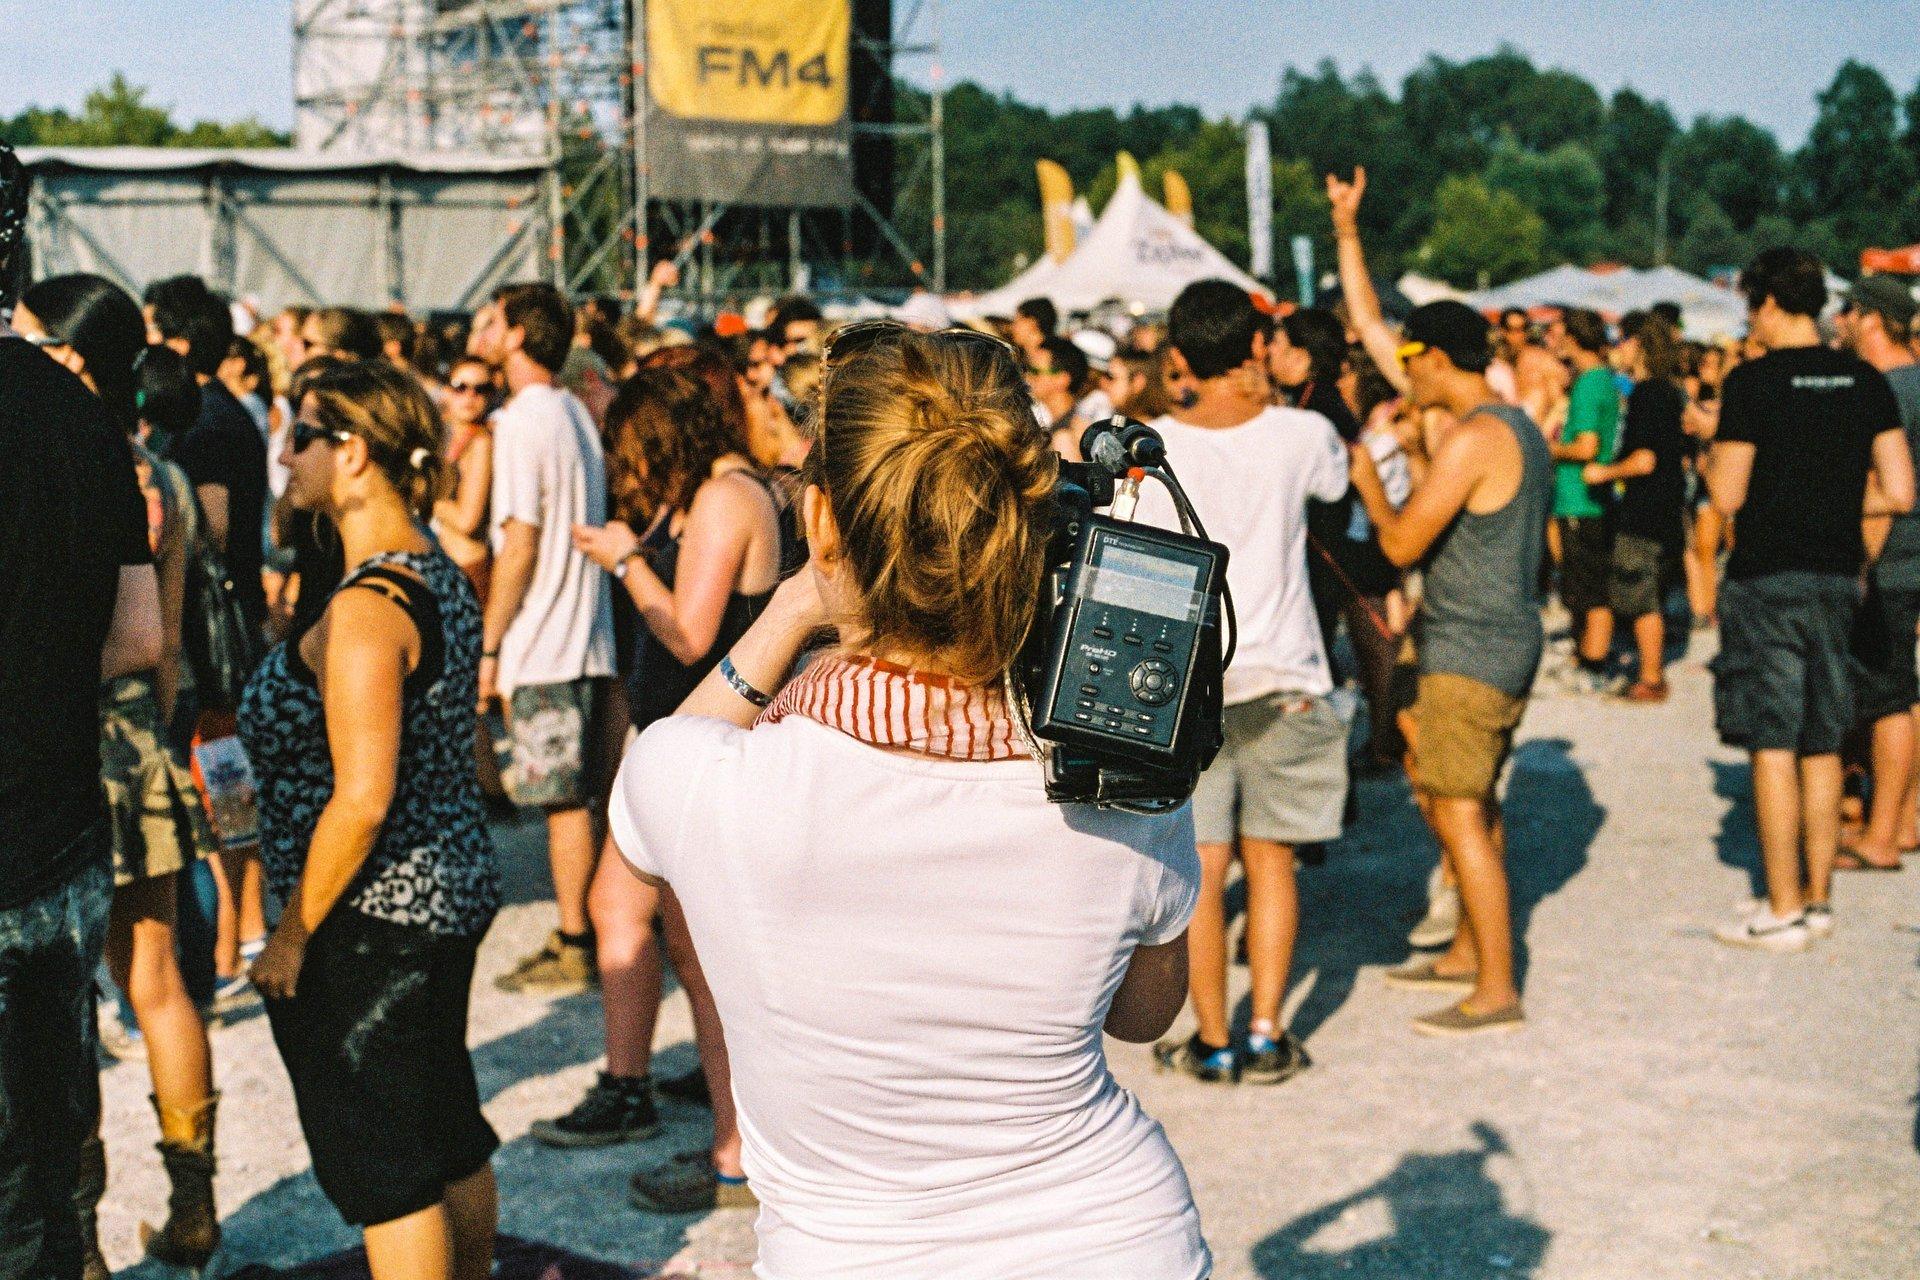 FM4 Frequency Festival in Austria - Best Season 2020